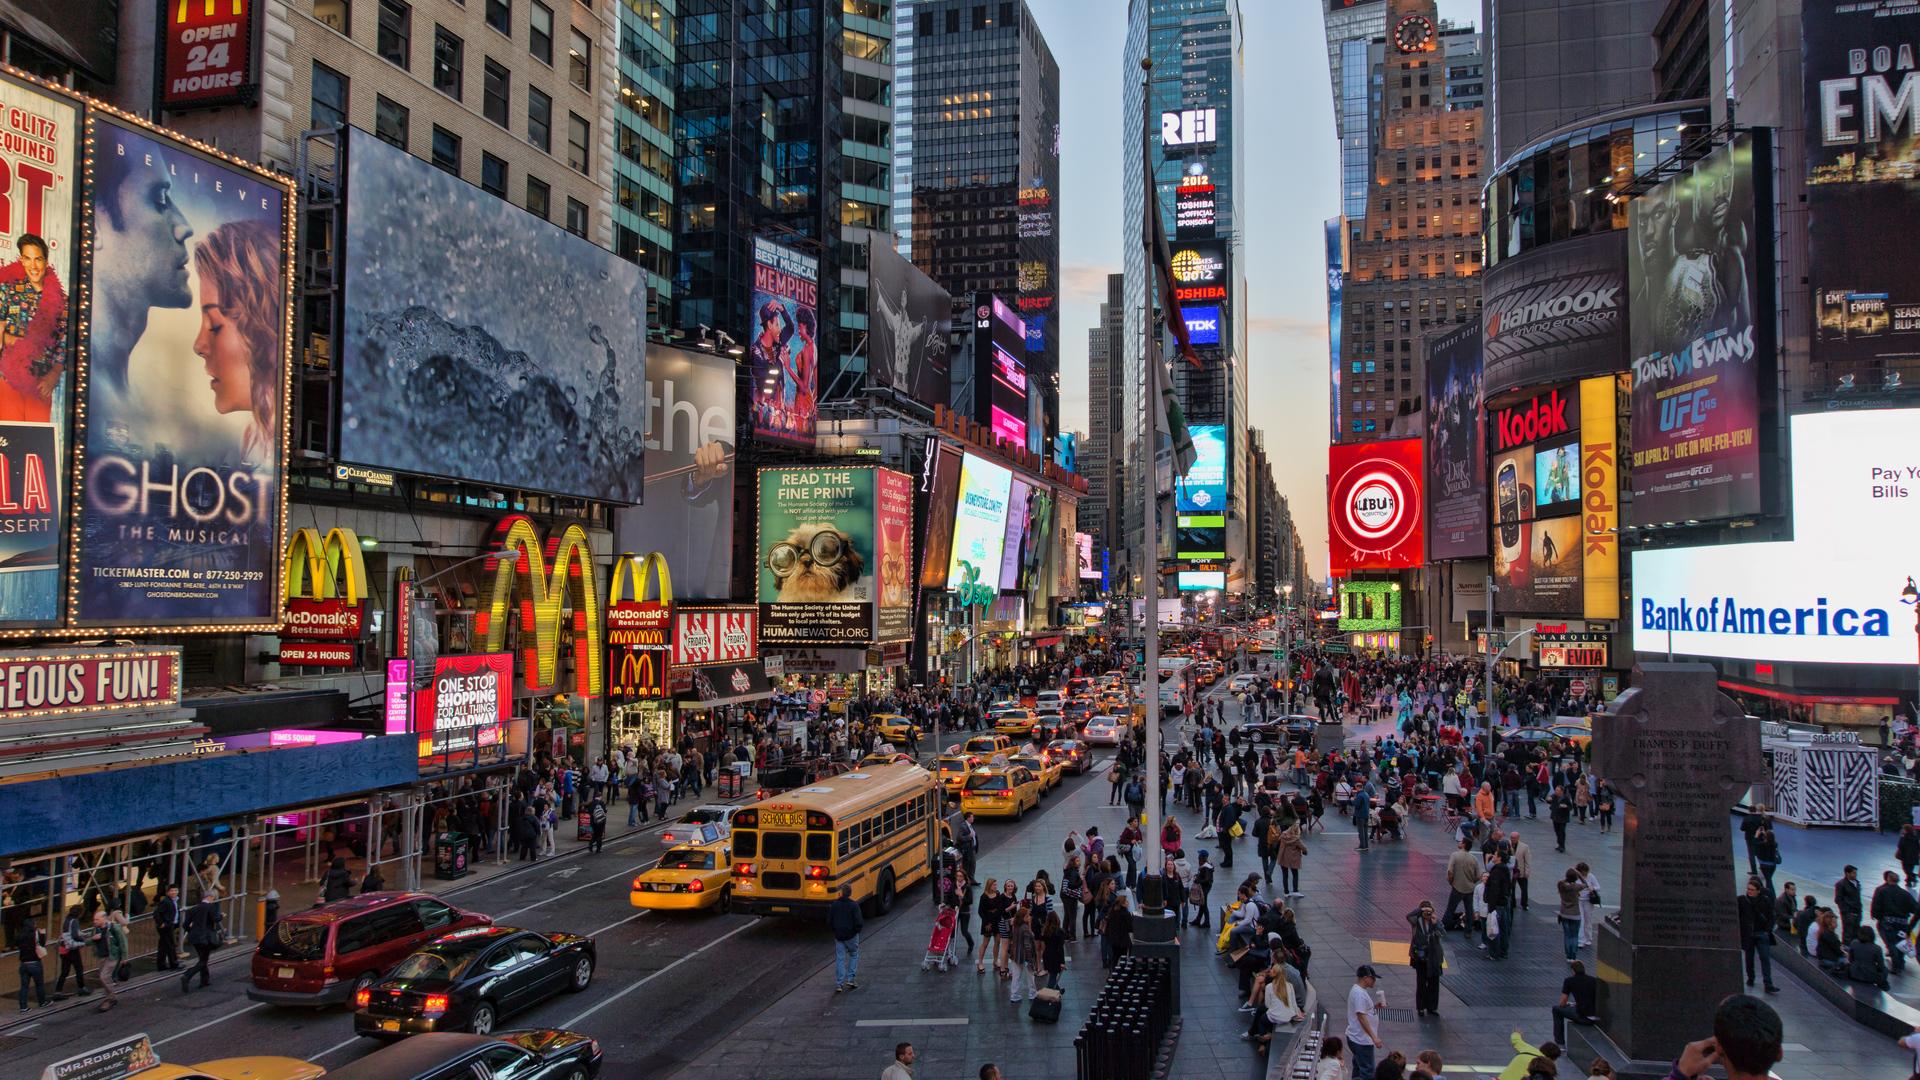 Times Square 4K Ultra HD wallpaper 4k WallpaperNet 1920x1080